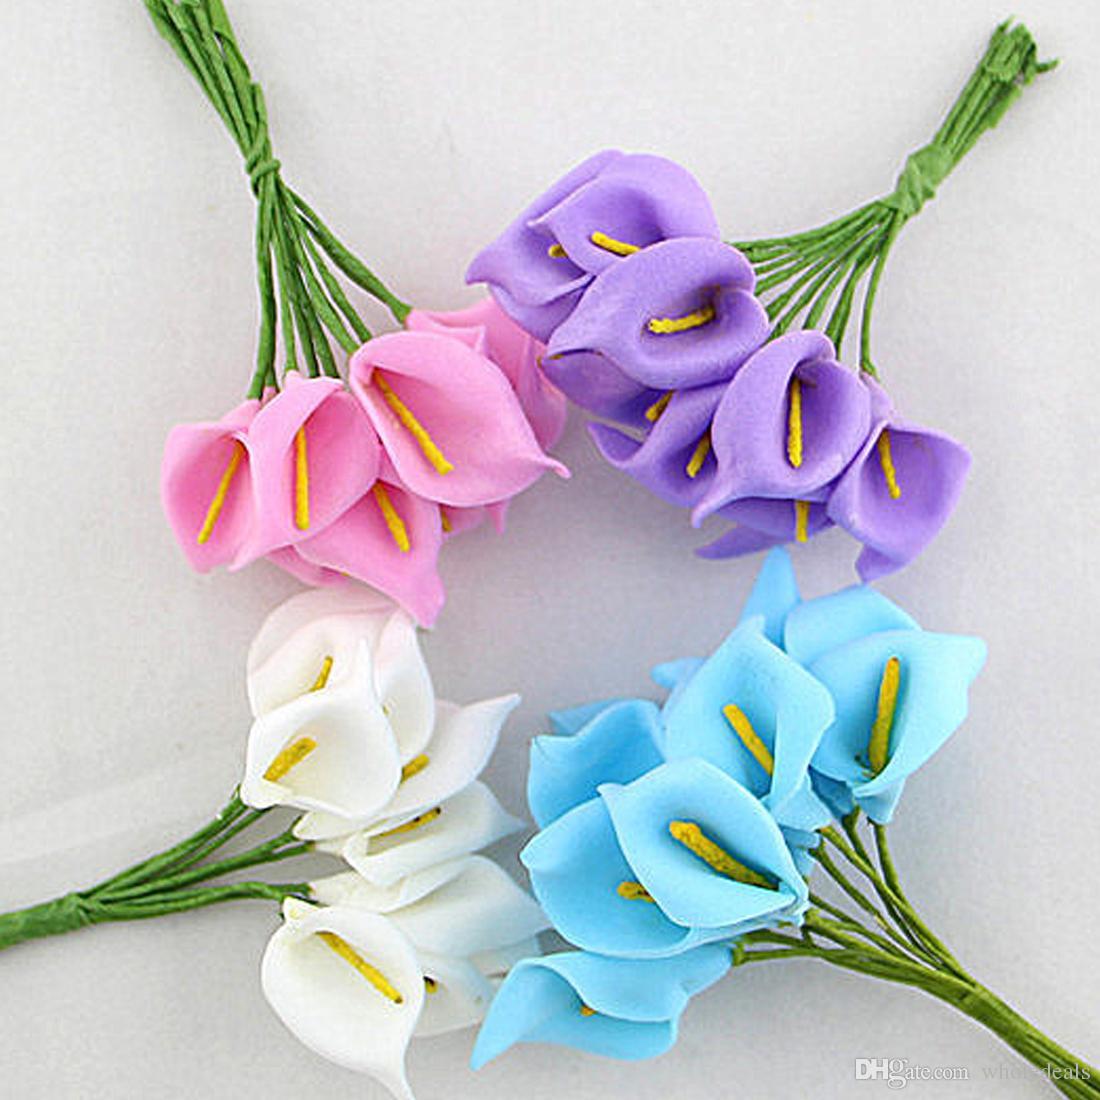 12 adet / grup Mini Köpük Calla El Yapımı Yapay Çiçek Buket Düğün Dekorasyon DIY Çelenk Hediye Kutusu Scrapbooking Craft Sahte Çiçek